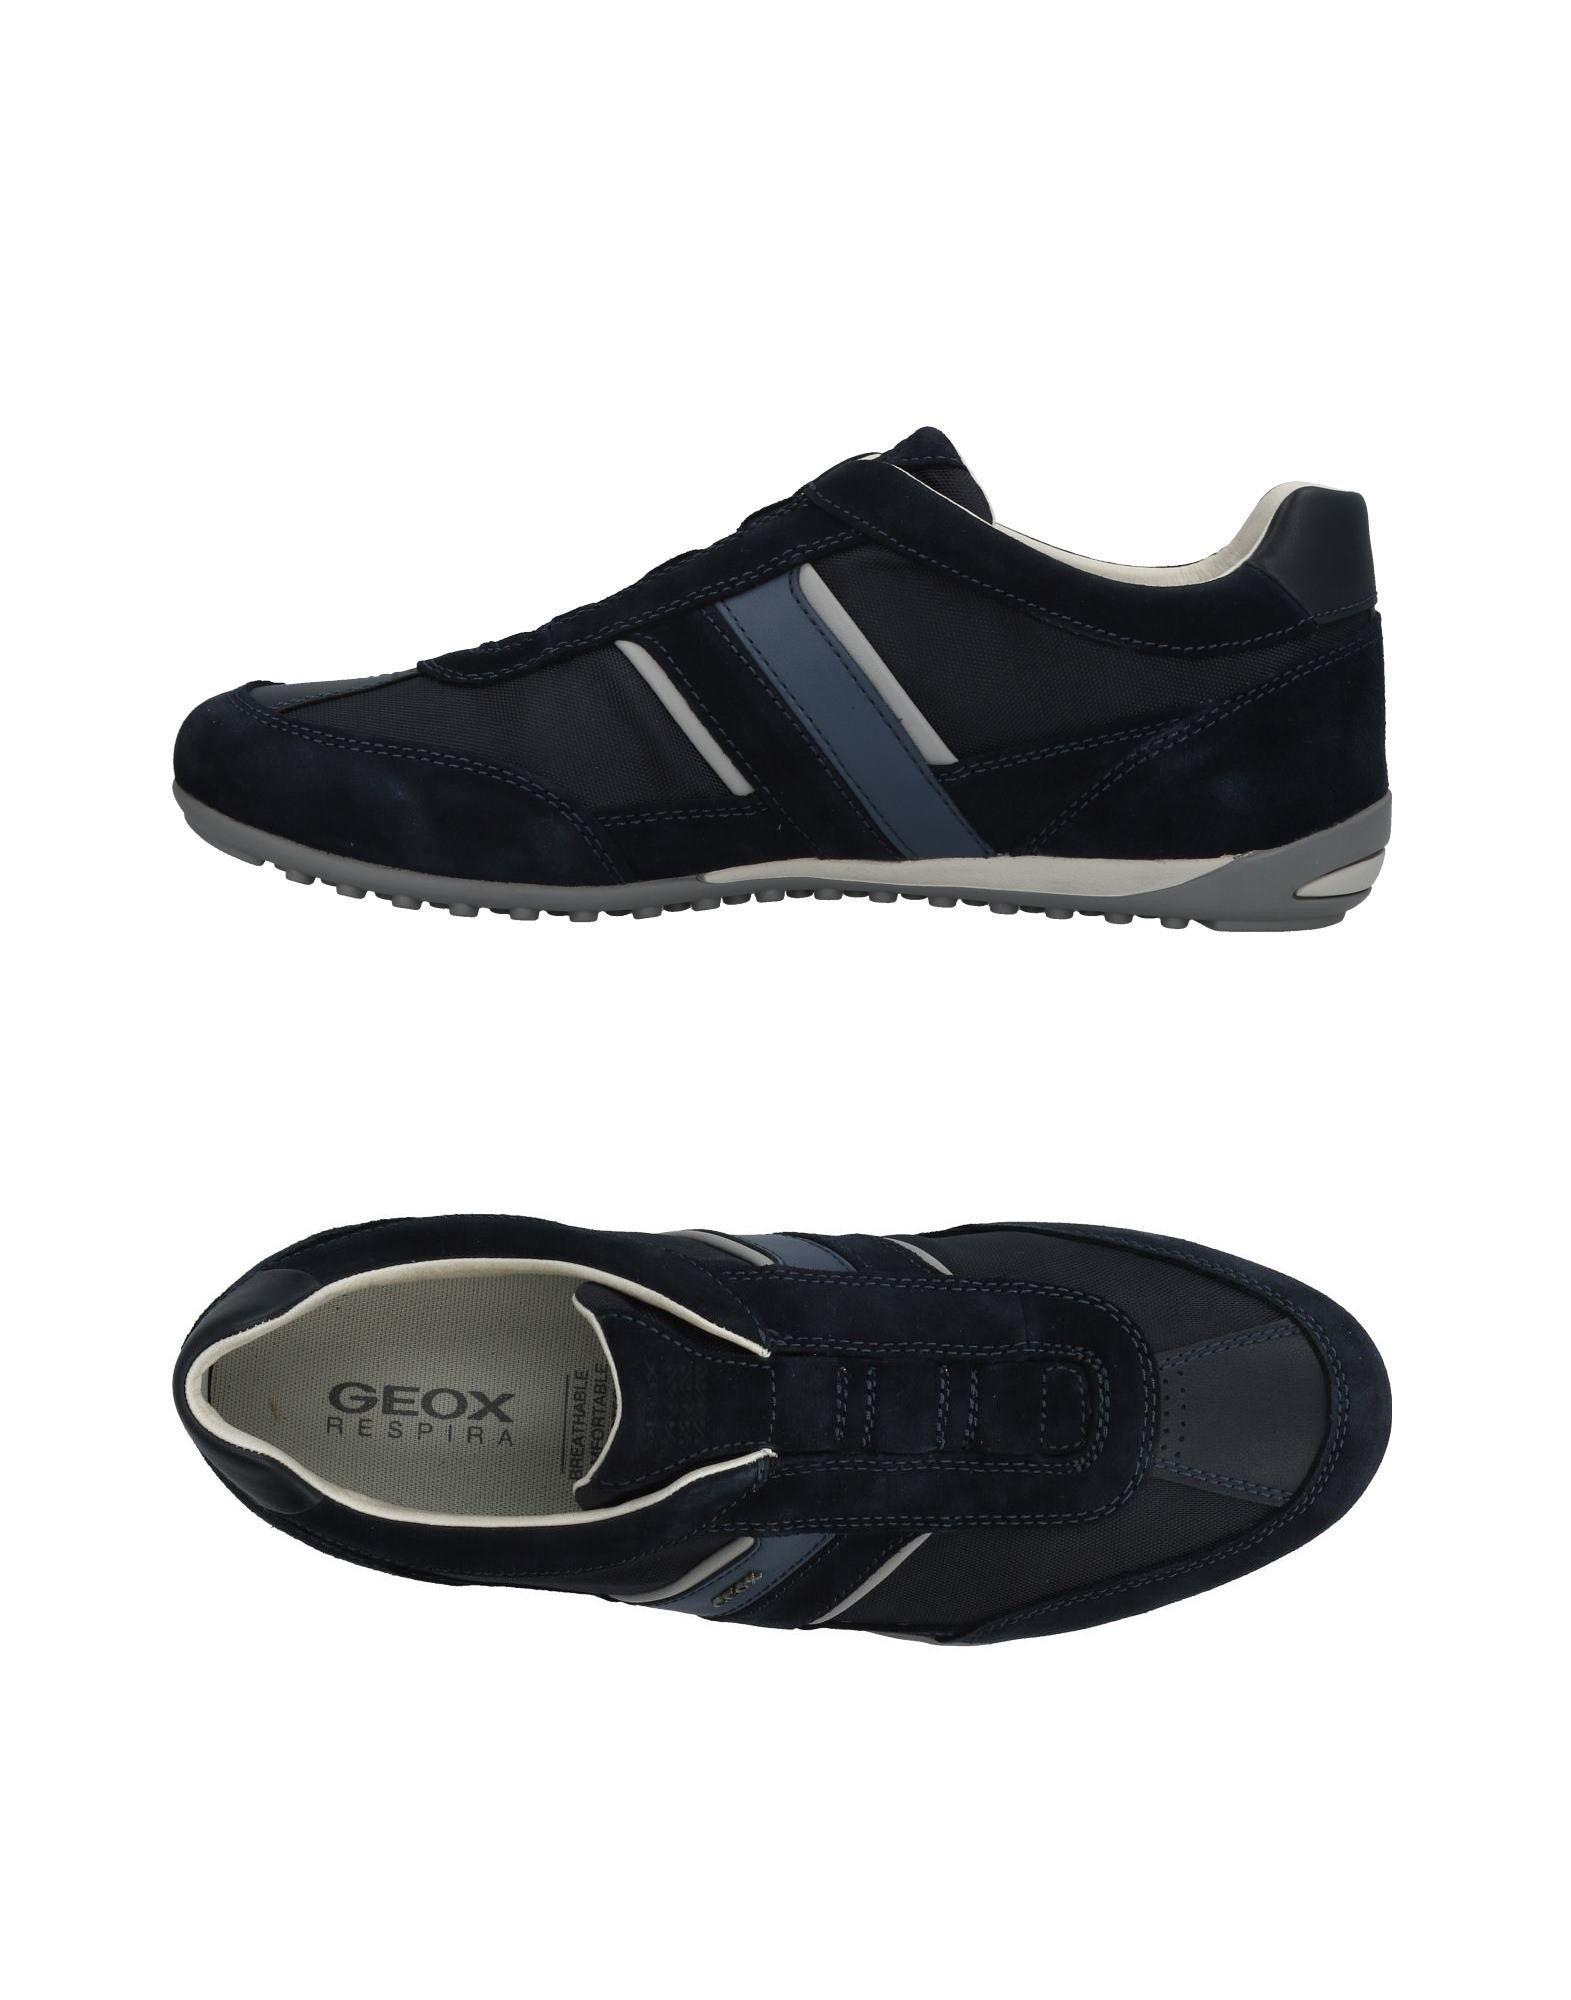 Sneakers Geox Homme - Sneakers Geox  Plomb Super rabais